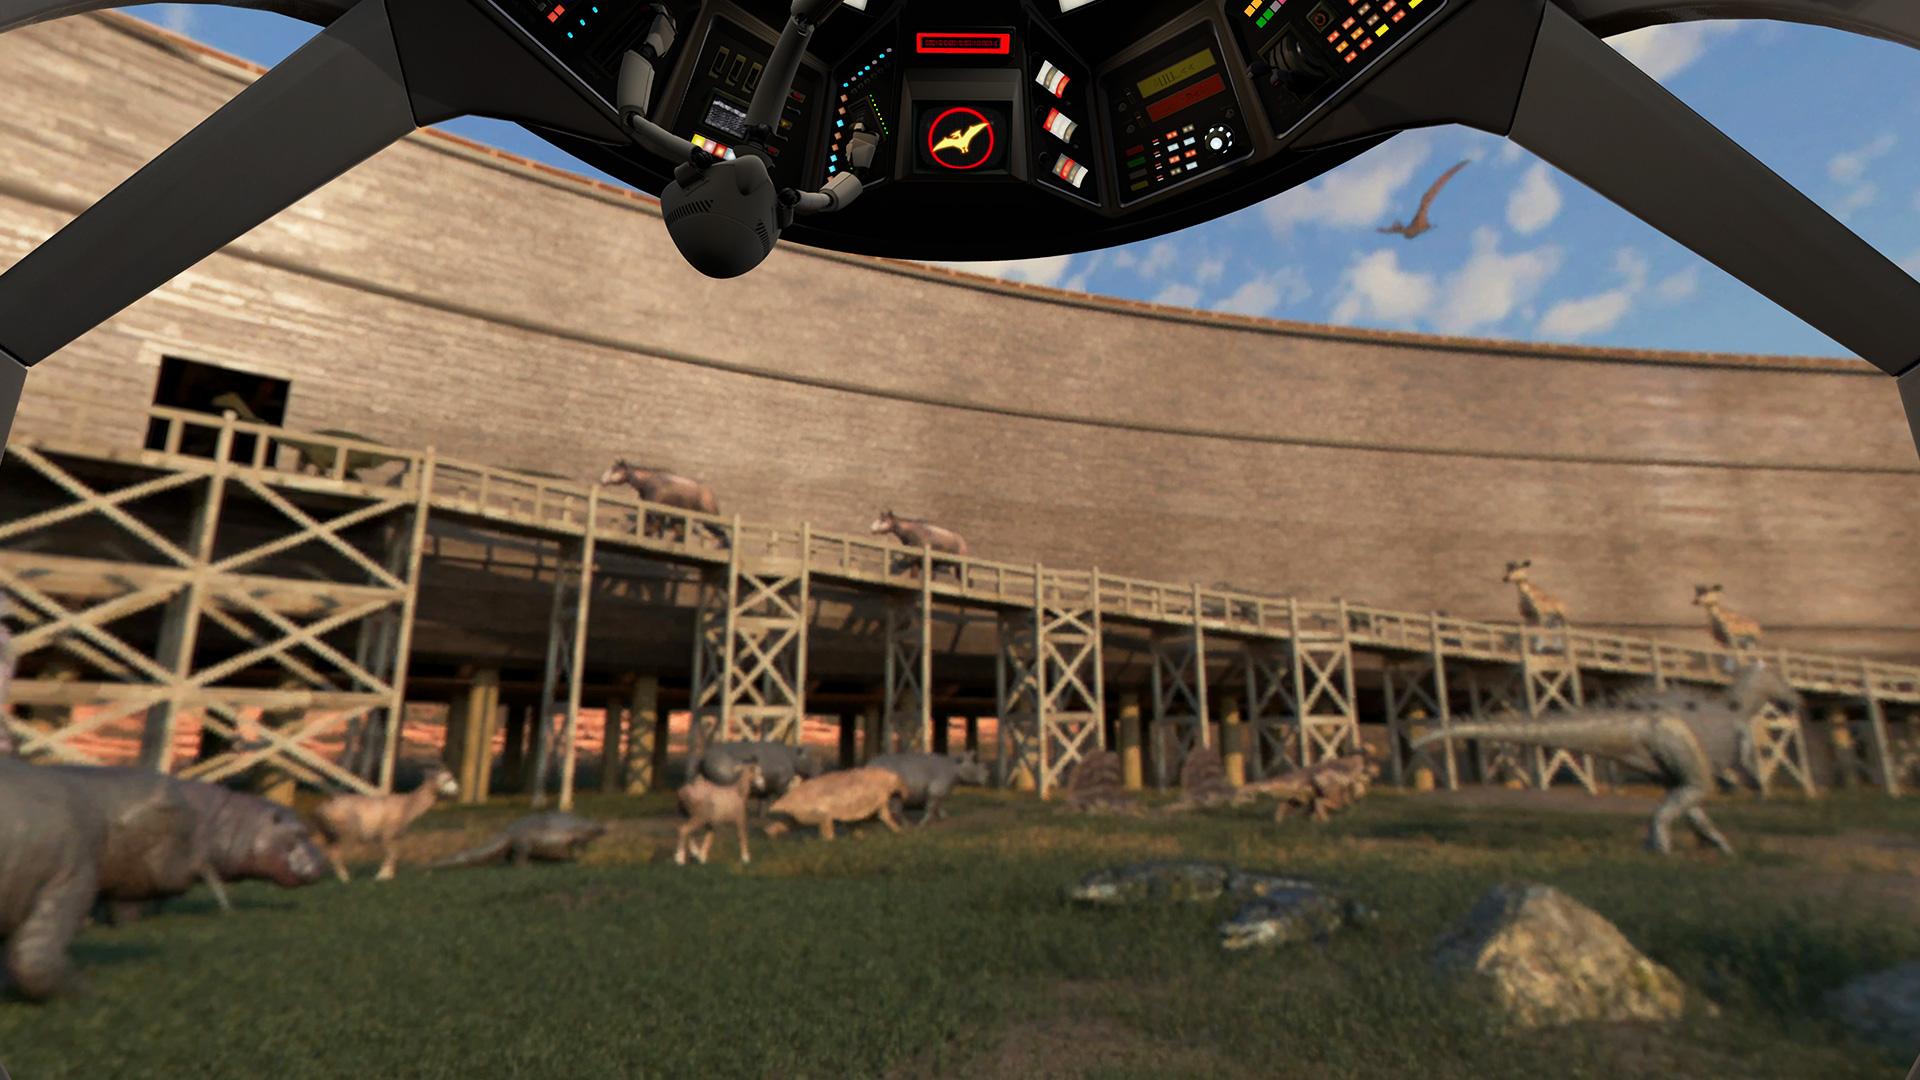 Noah's Ark VR